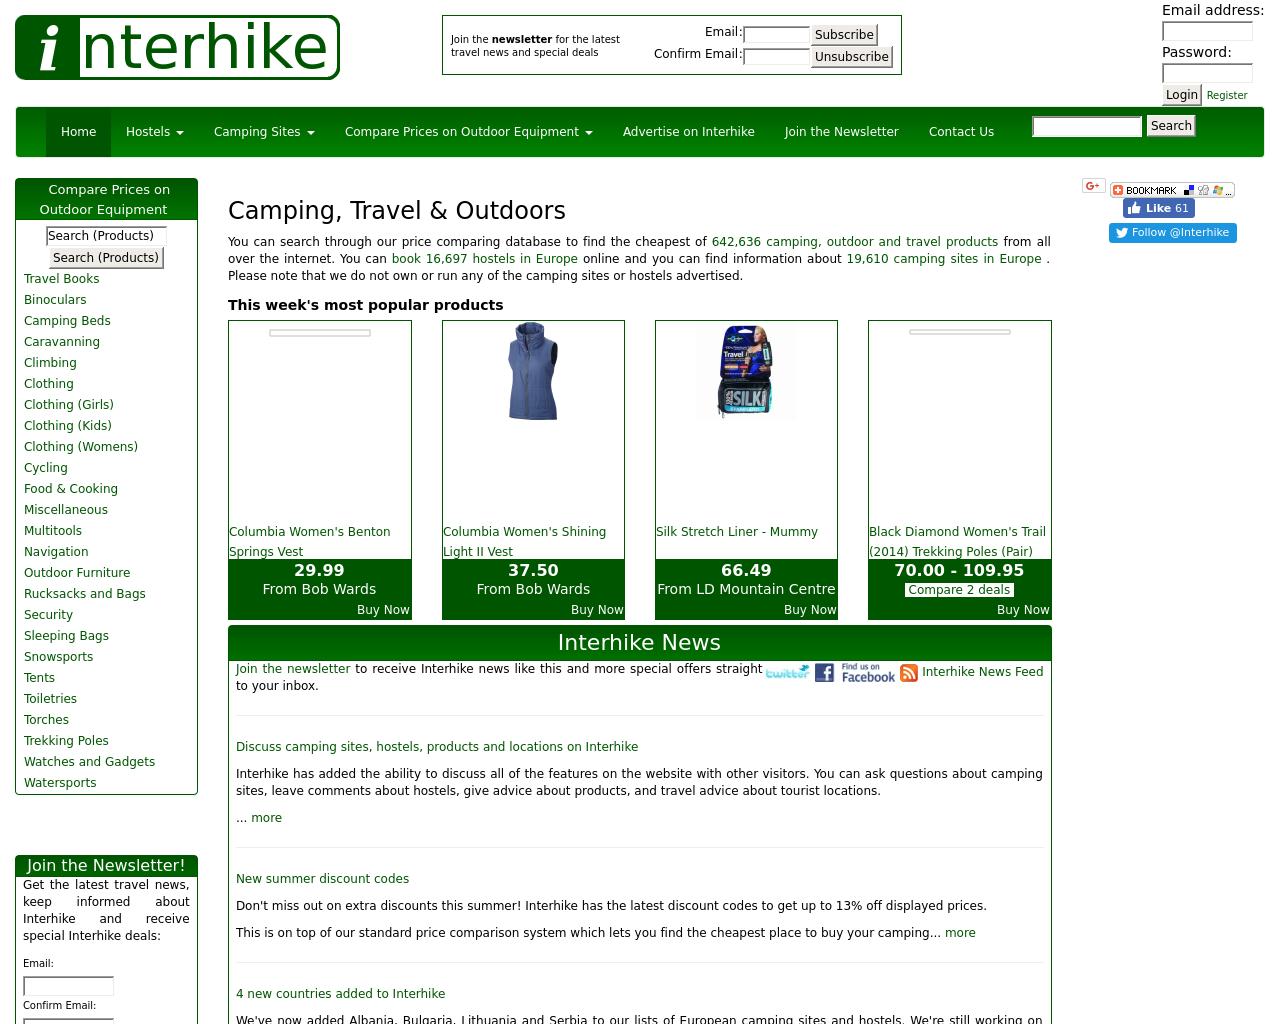 Interhike-Advertising-Reviews-Pricing